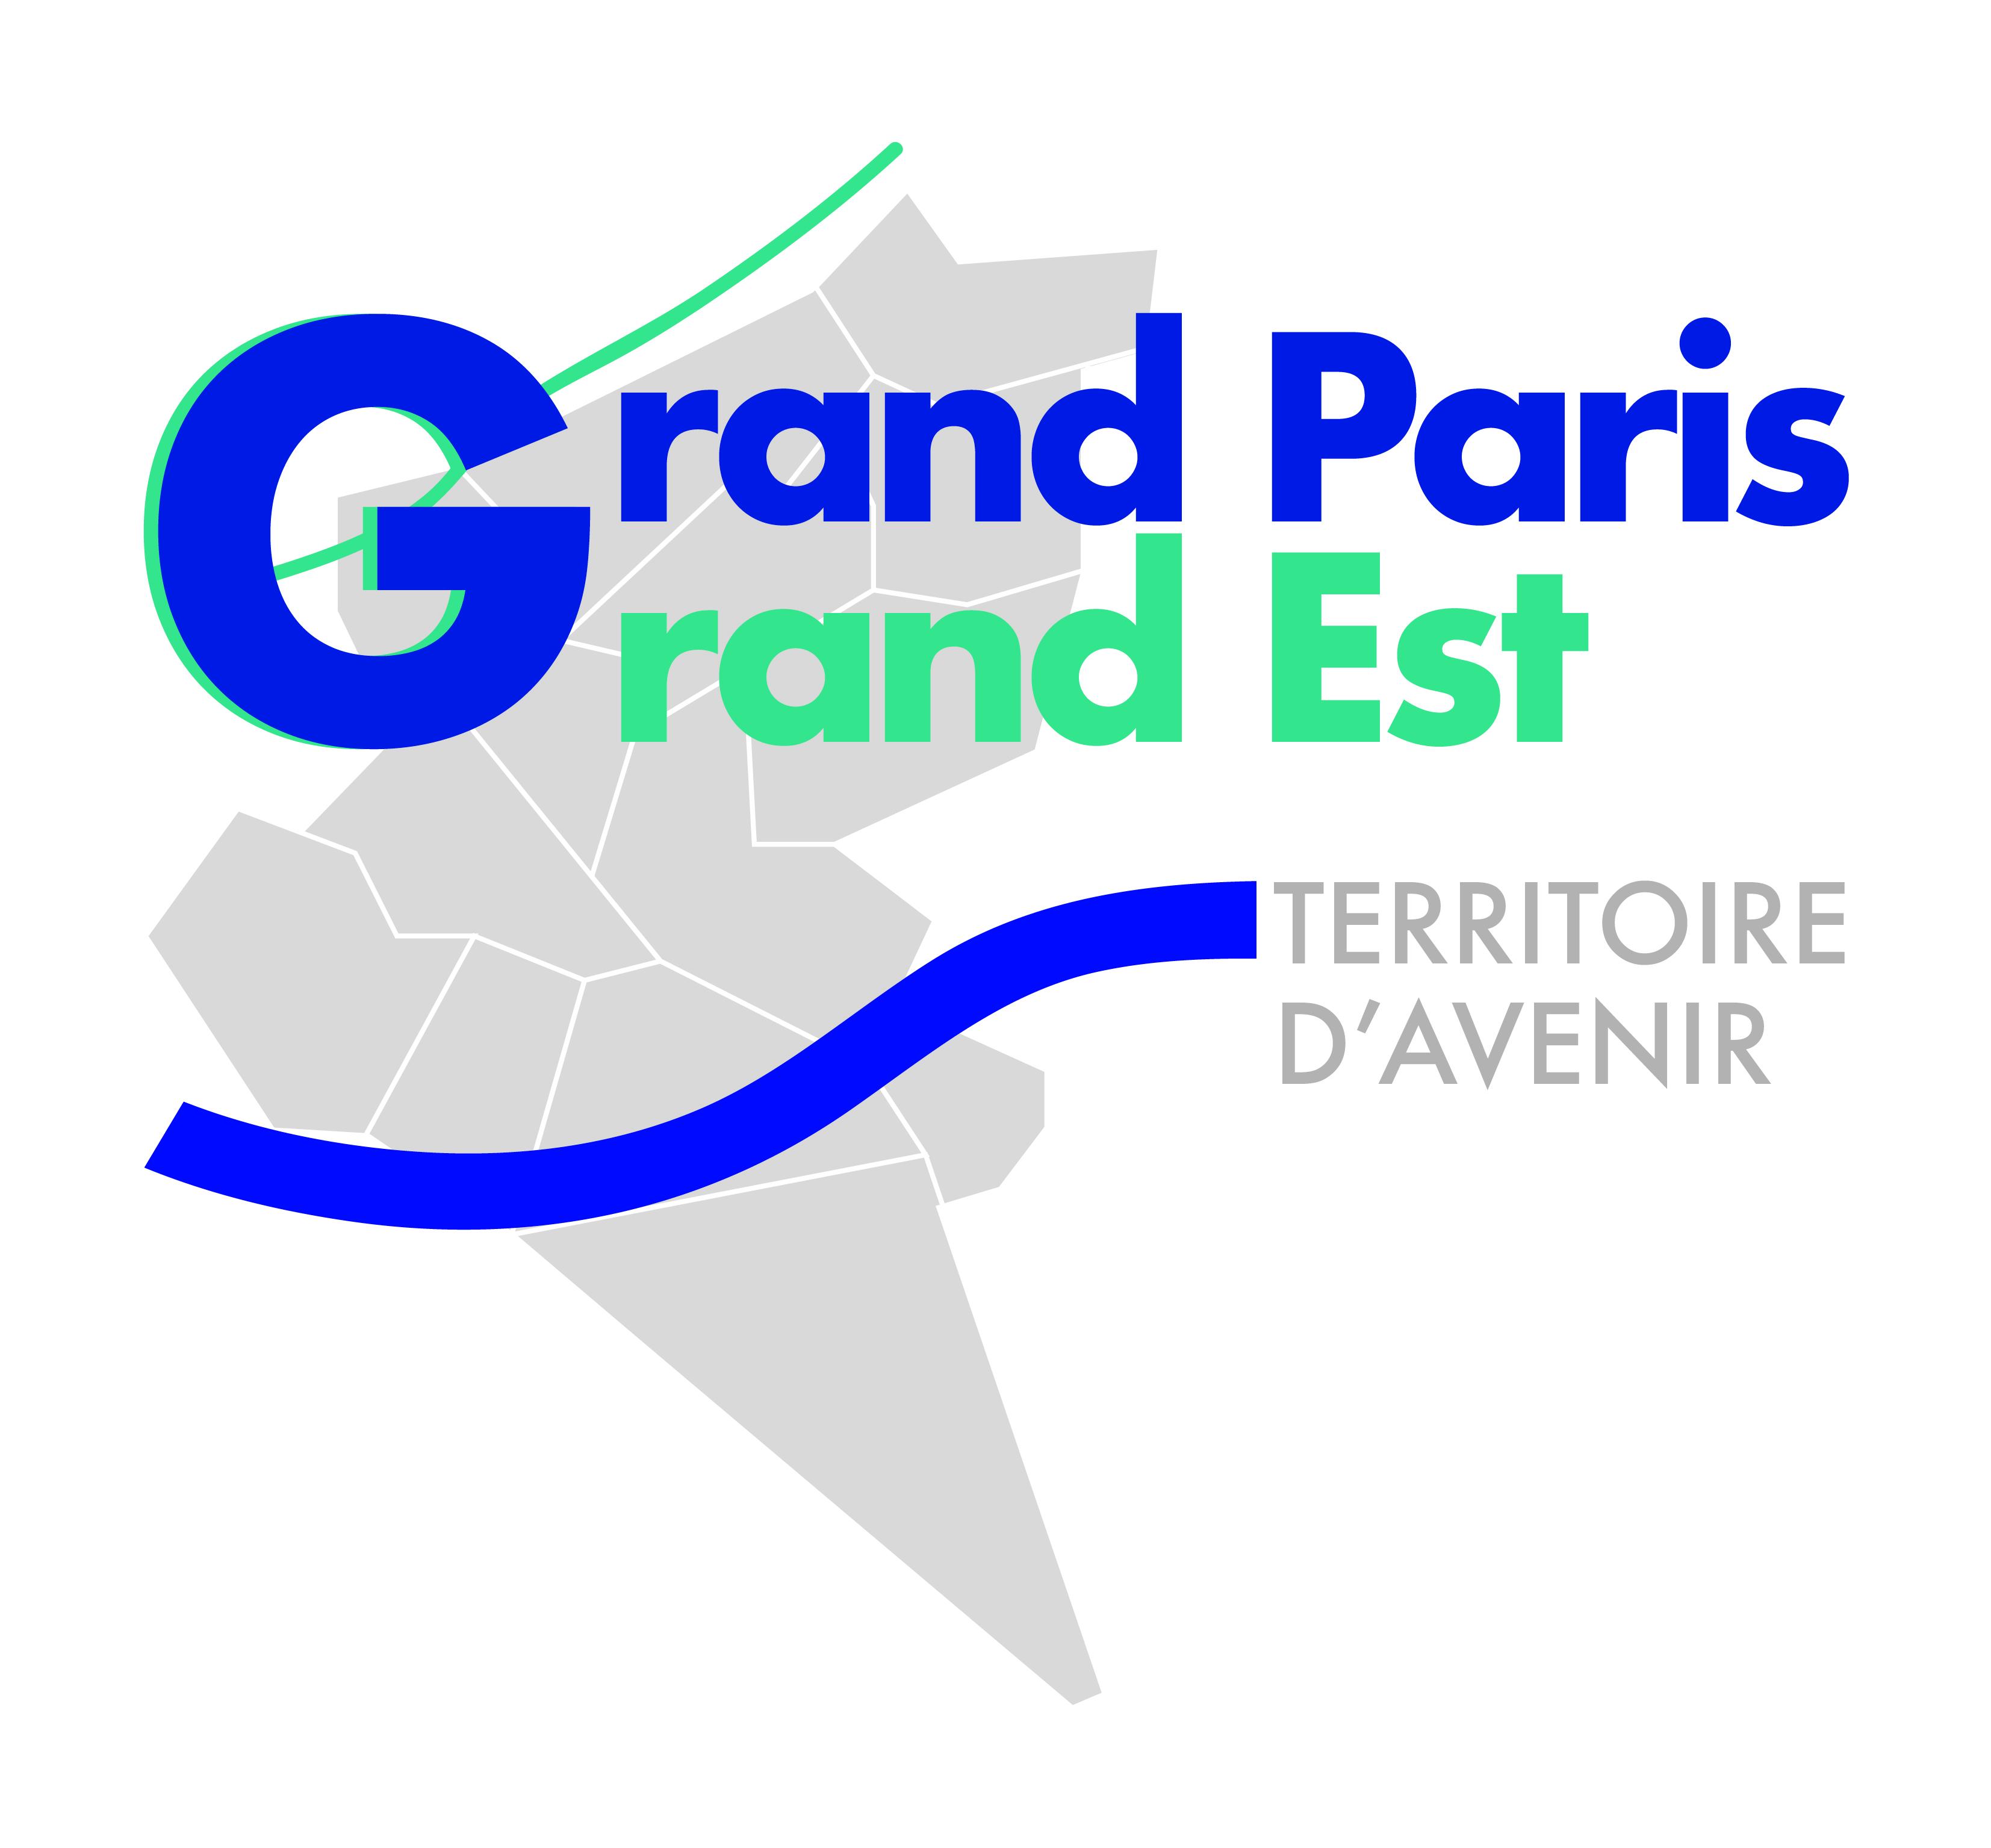 GRAND PARIS GRAND EST TERRITOIRE D'AVENIR